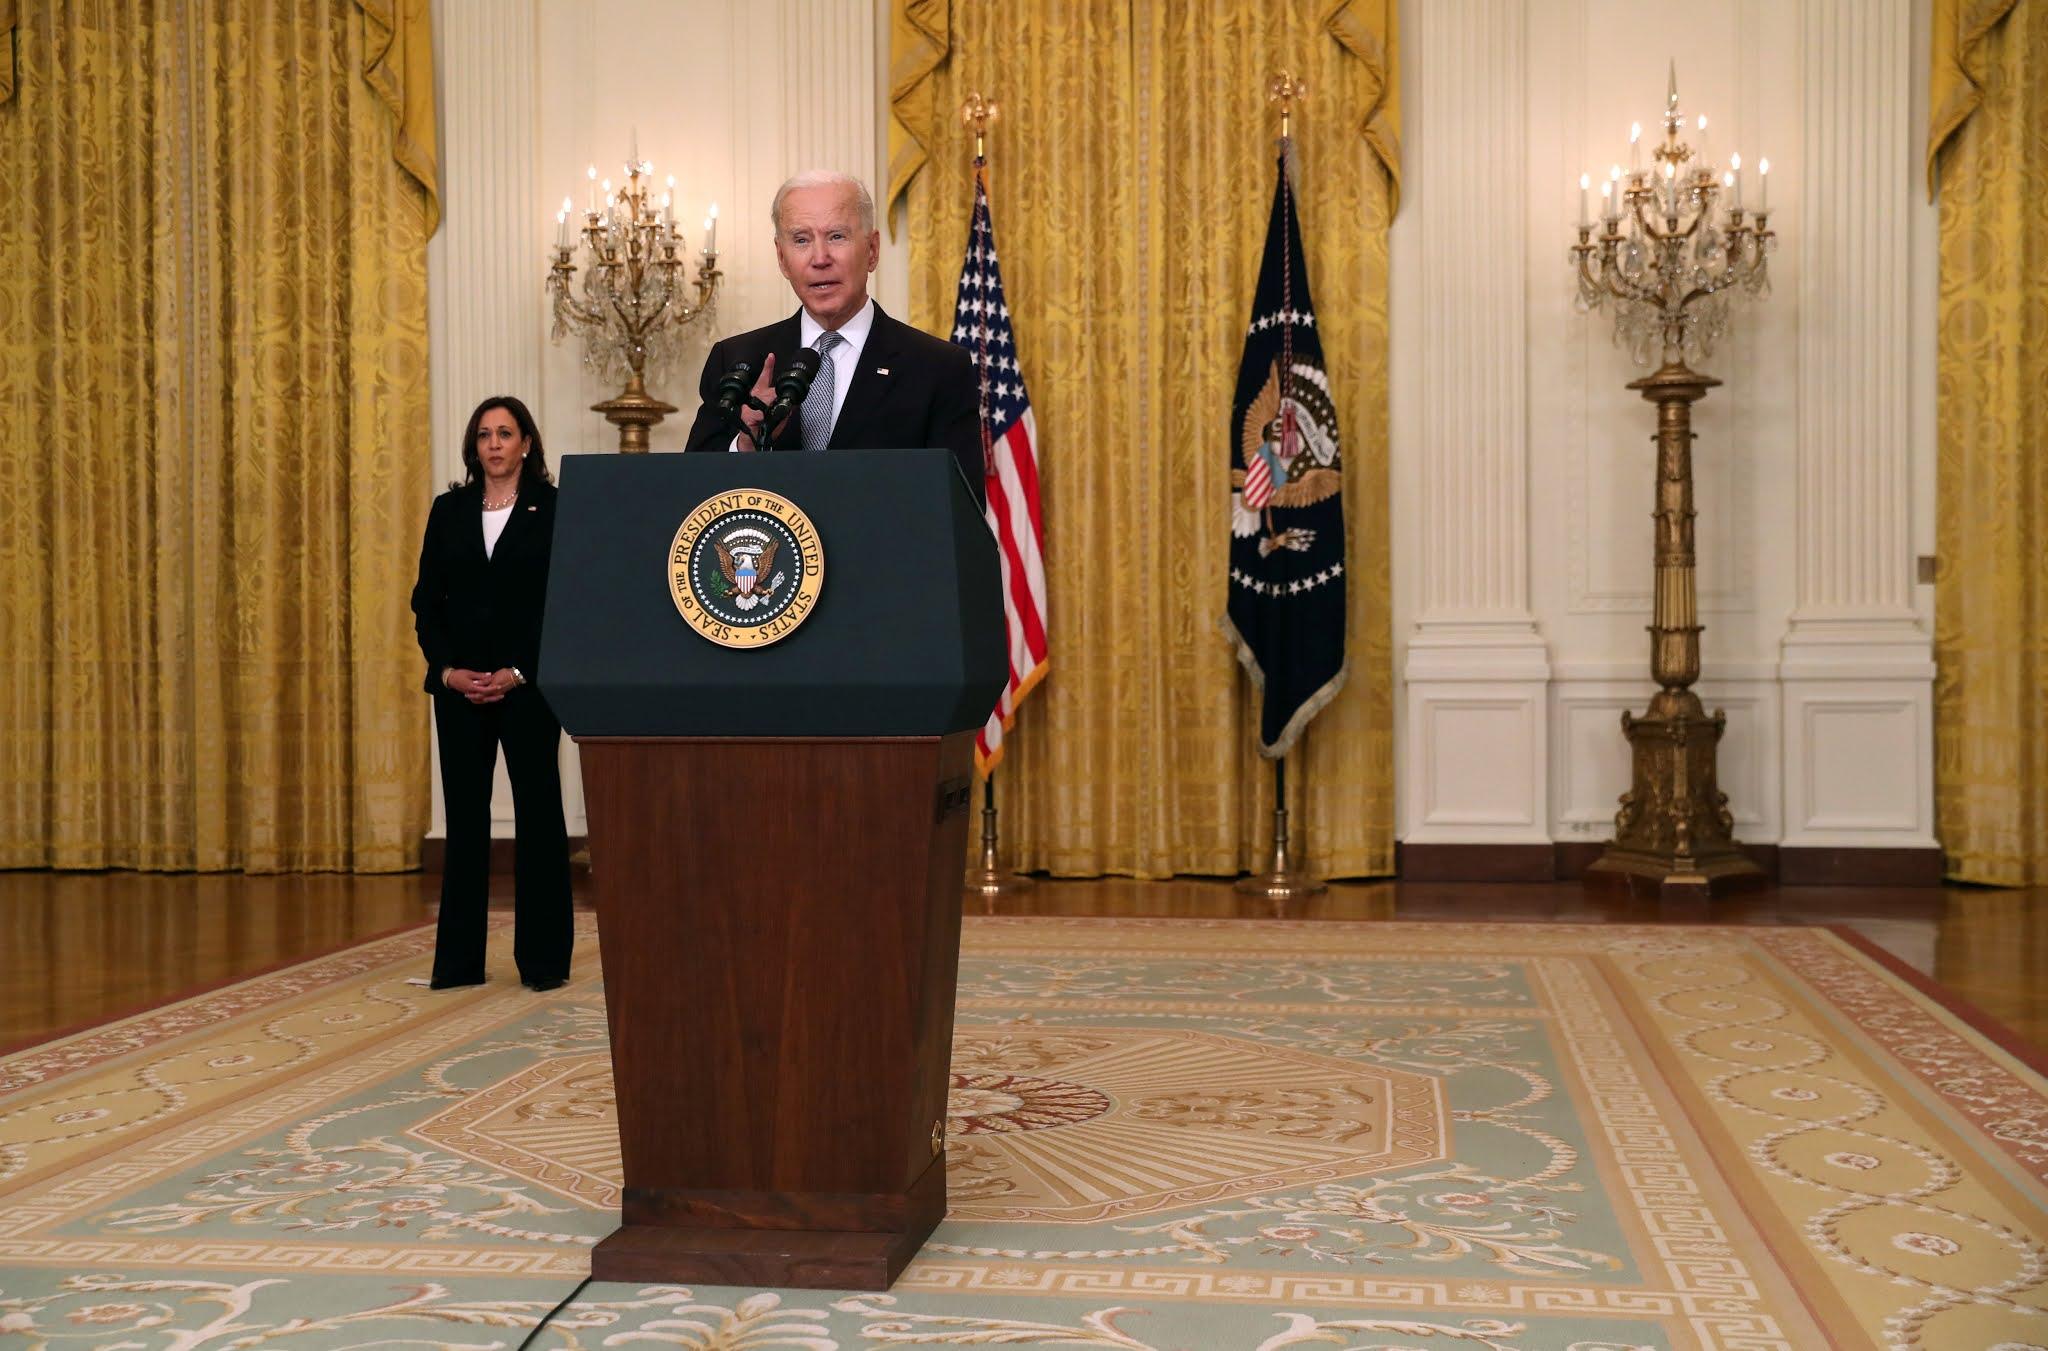 Biden anuncia que EEUU donará más vacunas contra el coronavirus a terceros países